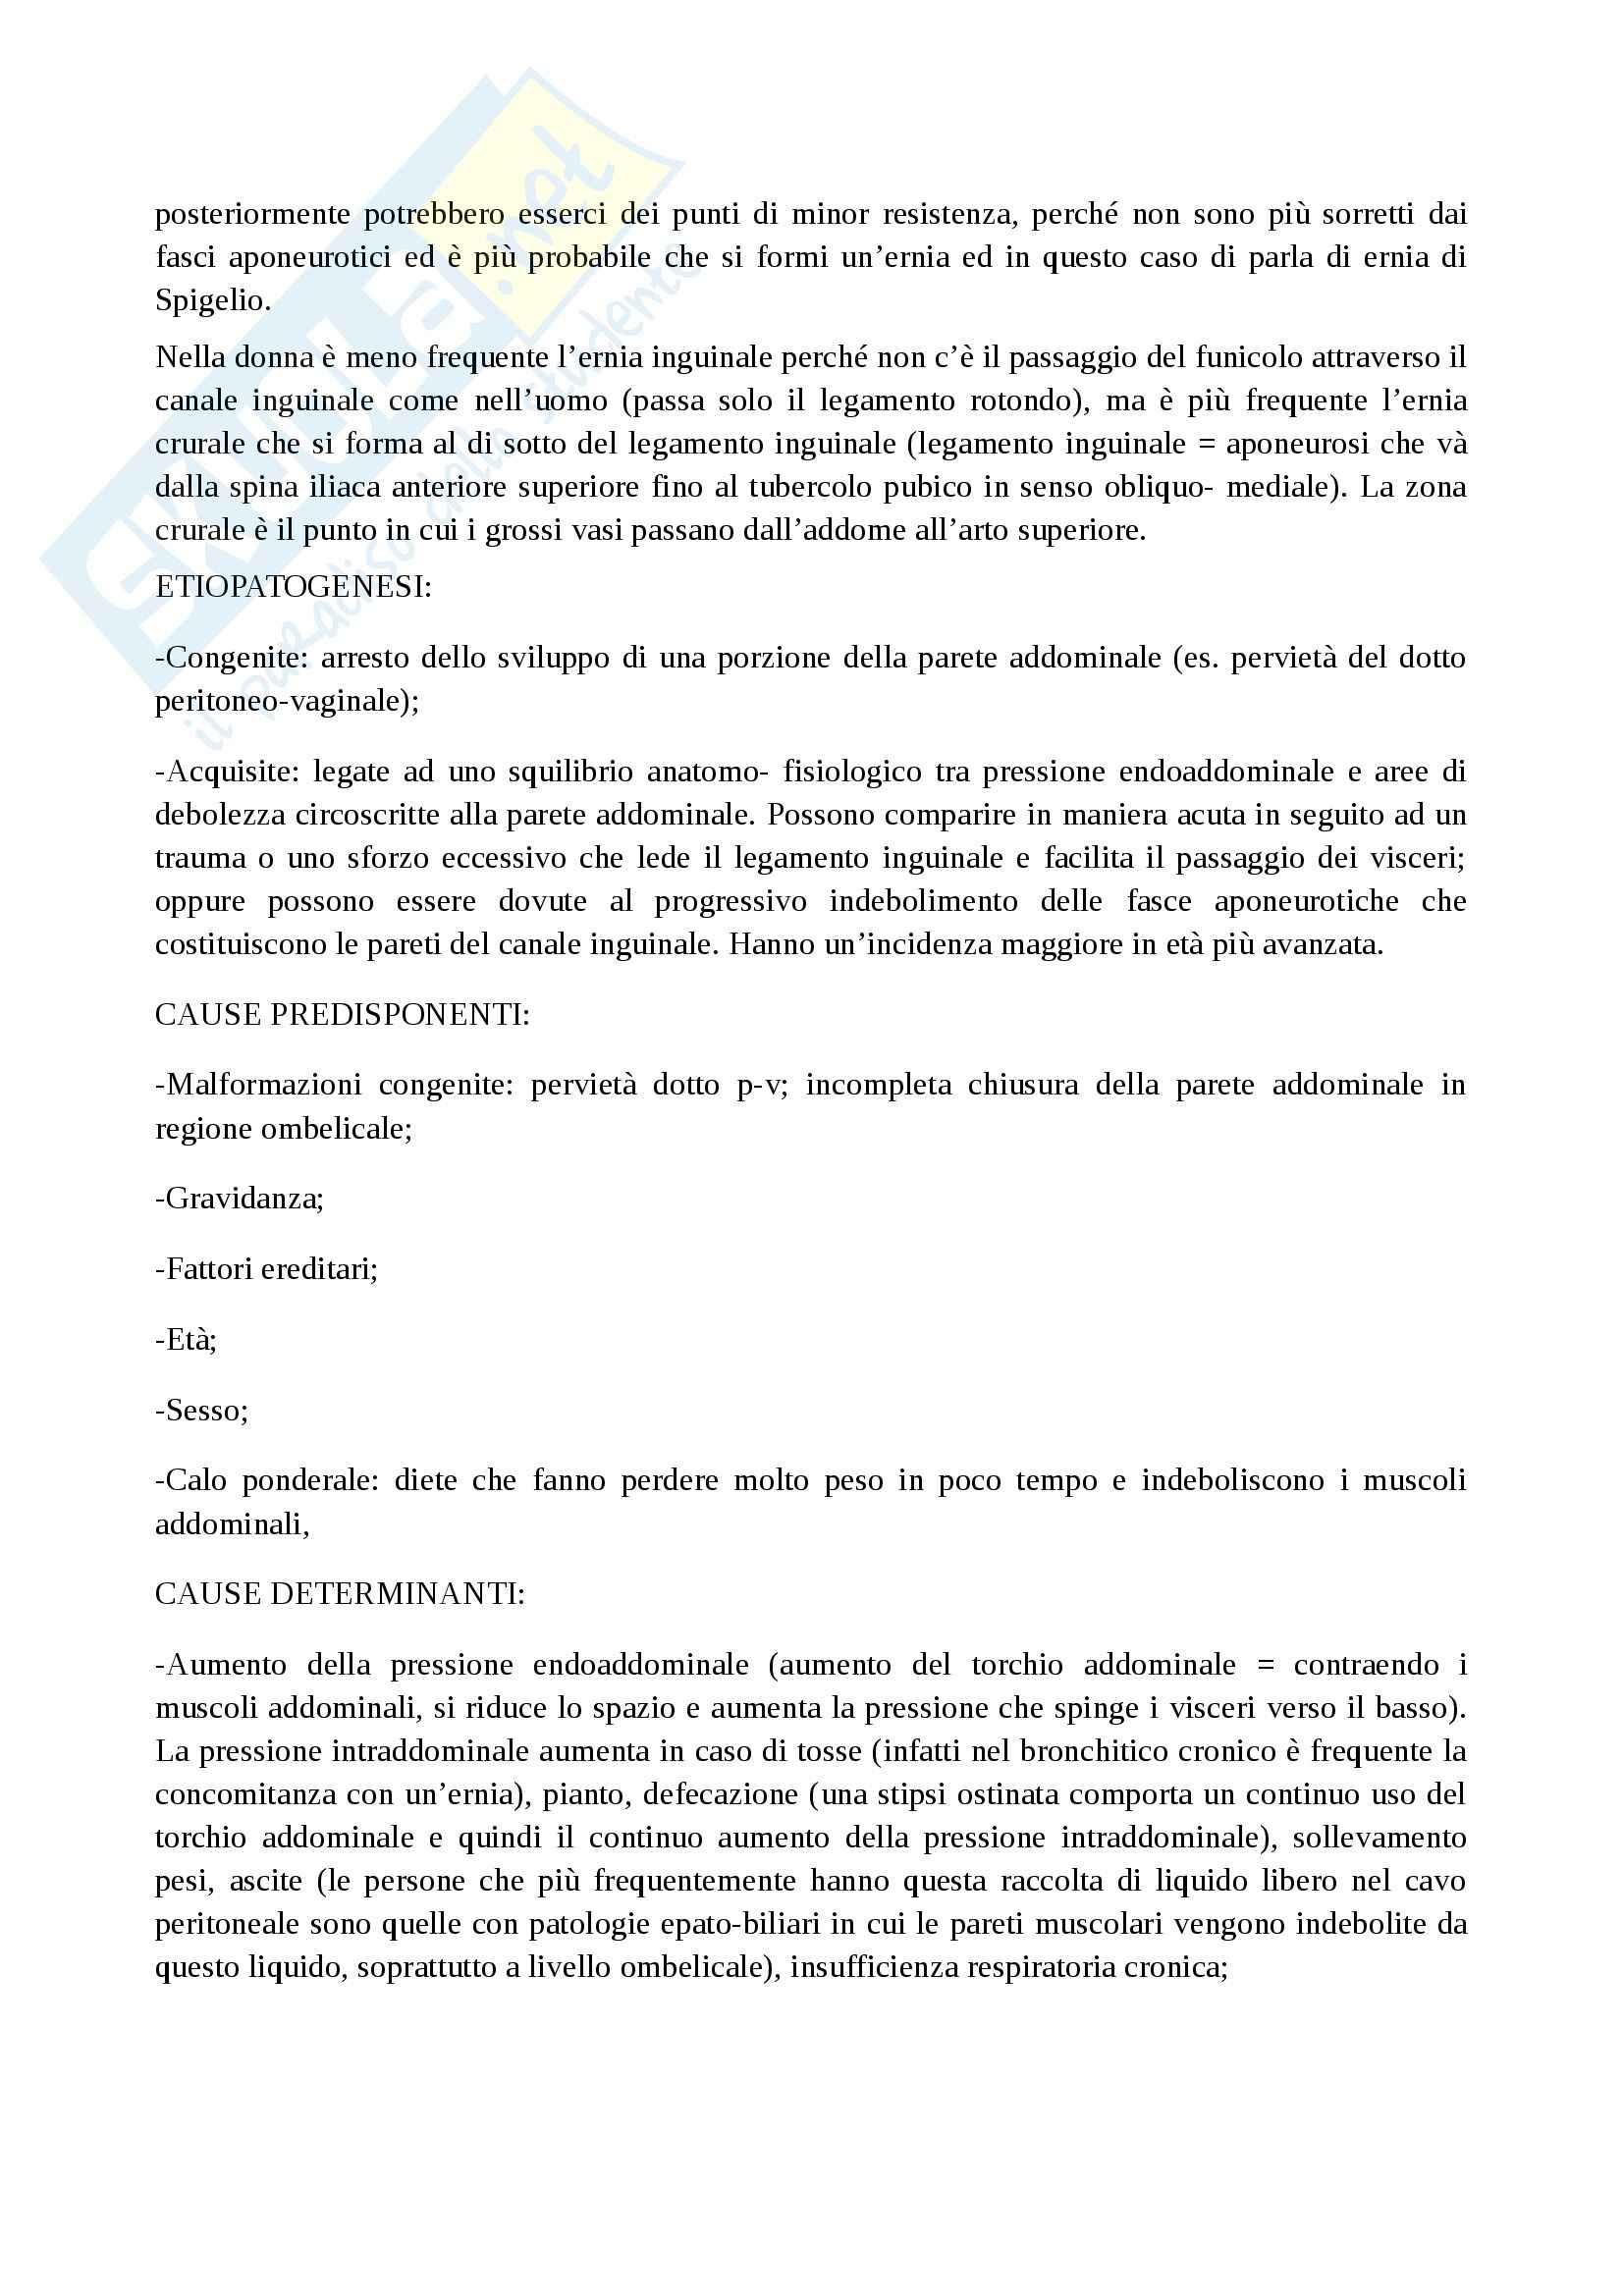 Patologie parete addominale, Chirurgia generale per infermieri Pag. 2